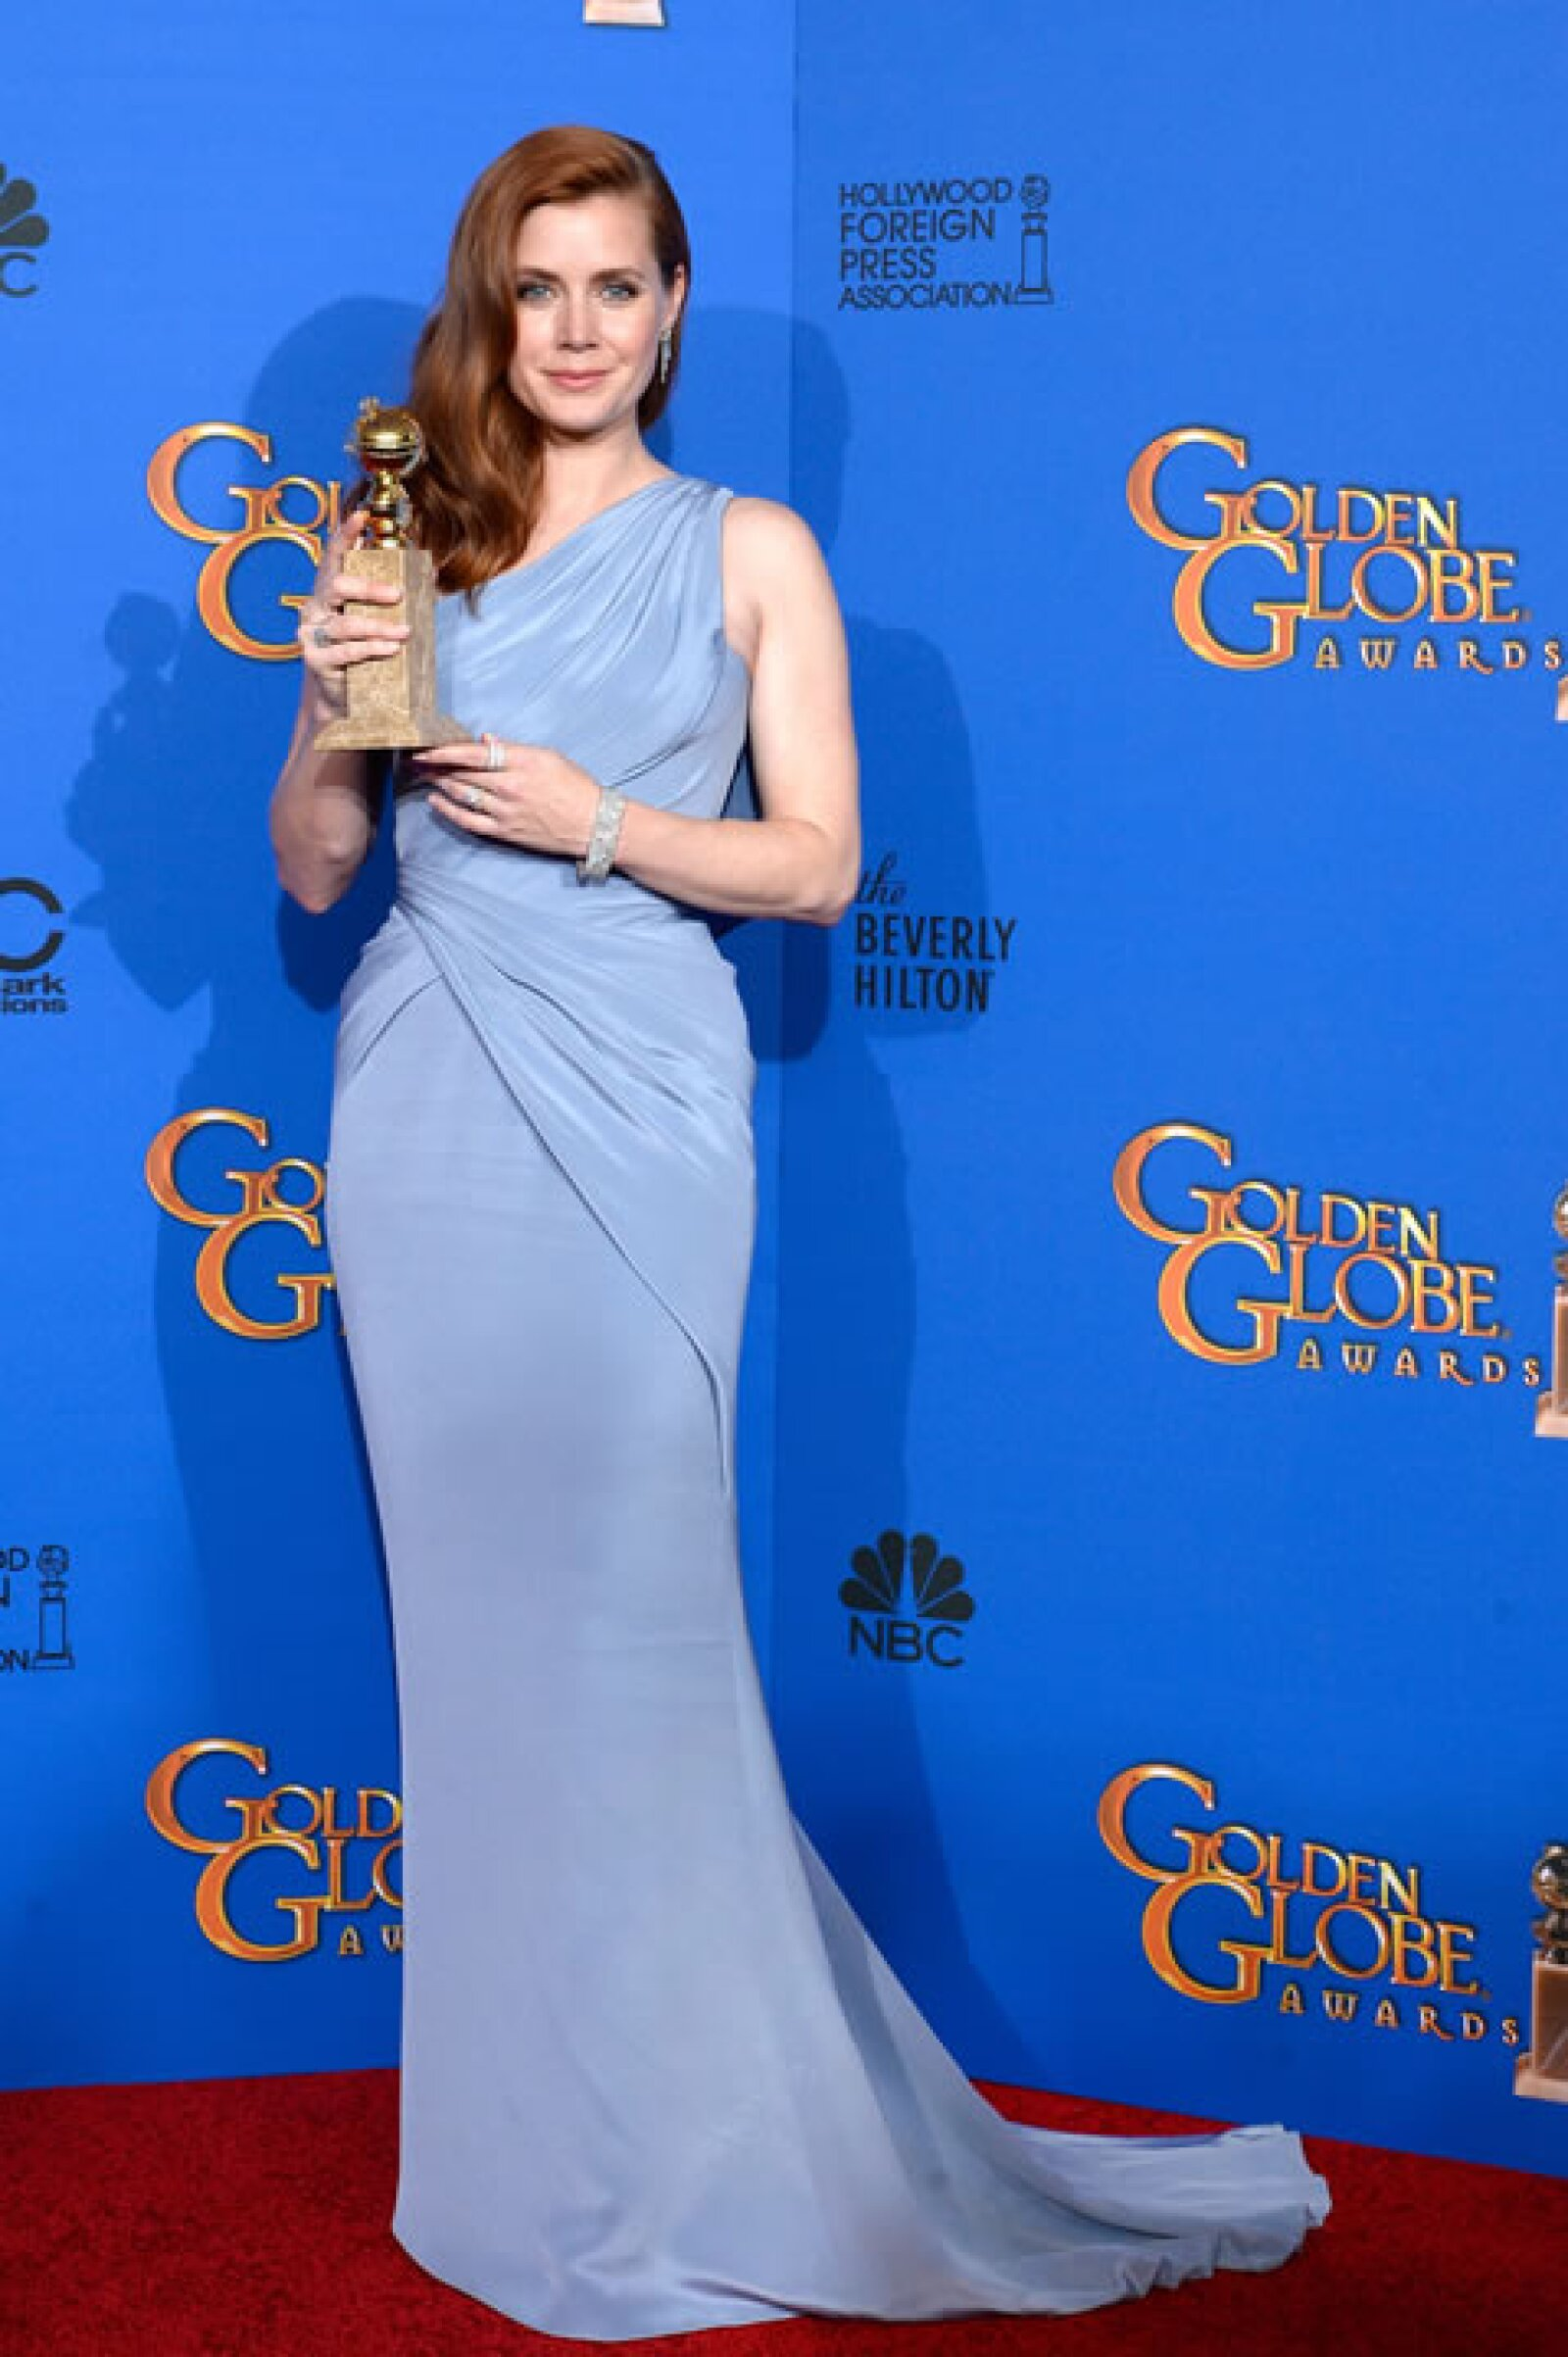 La Mejor actriz en una película de comedia fue para Amy Adams por Big Eyes.